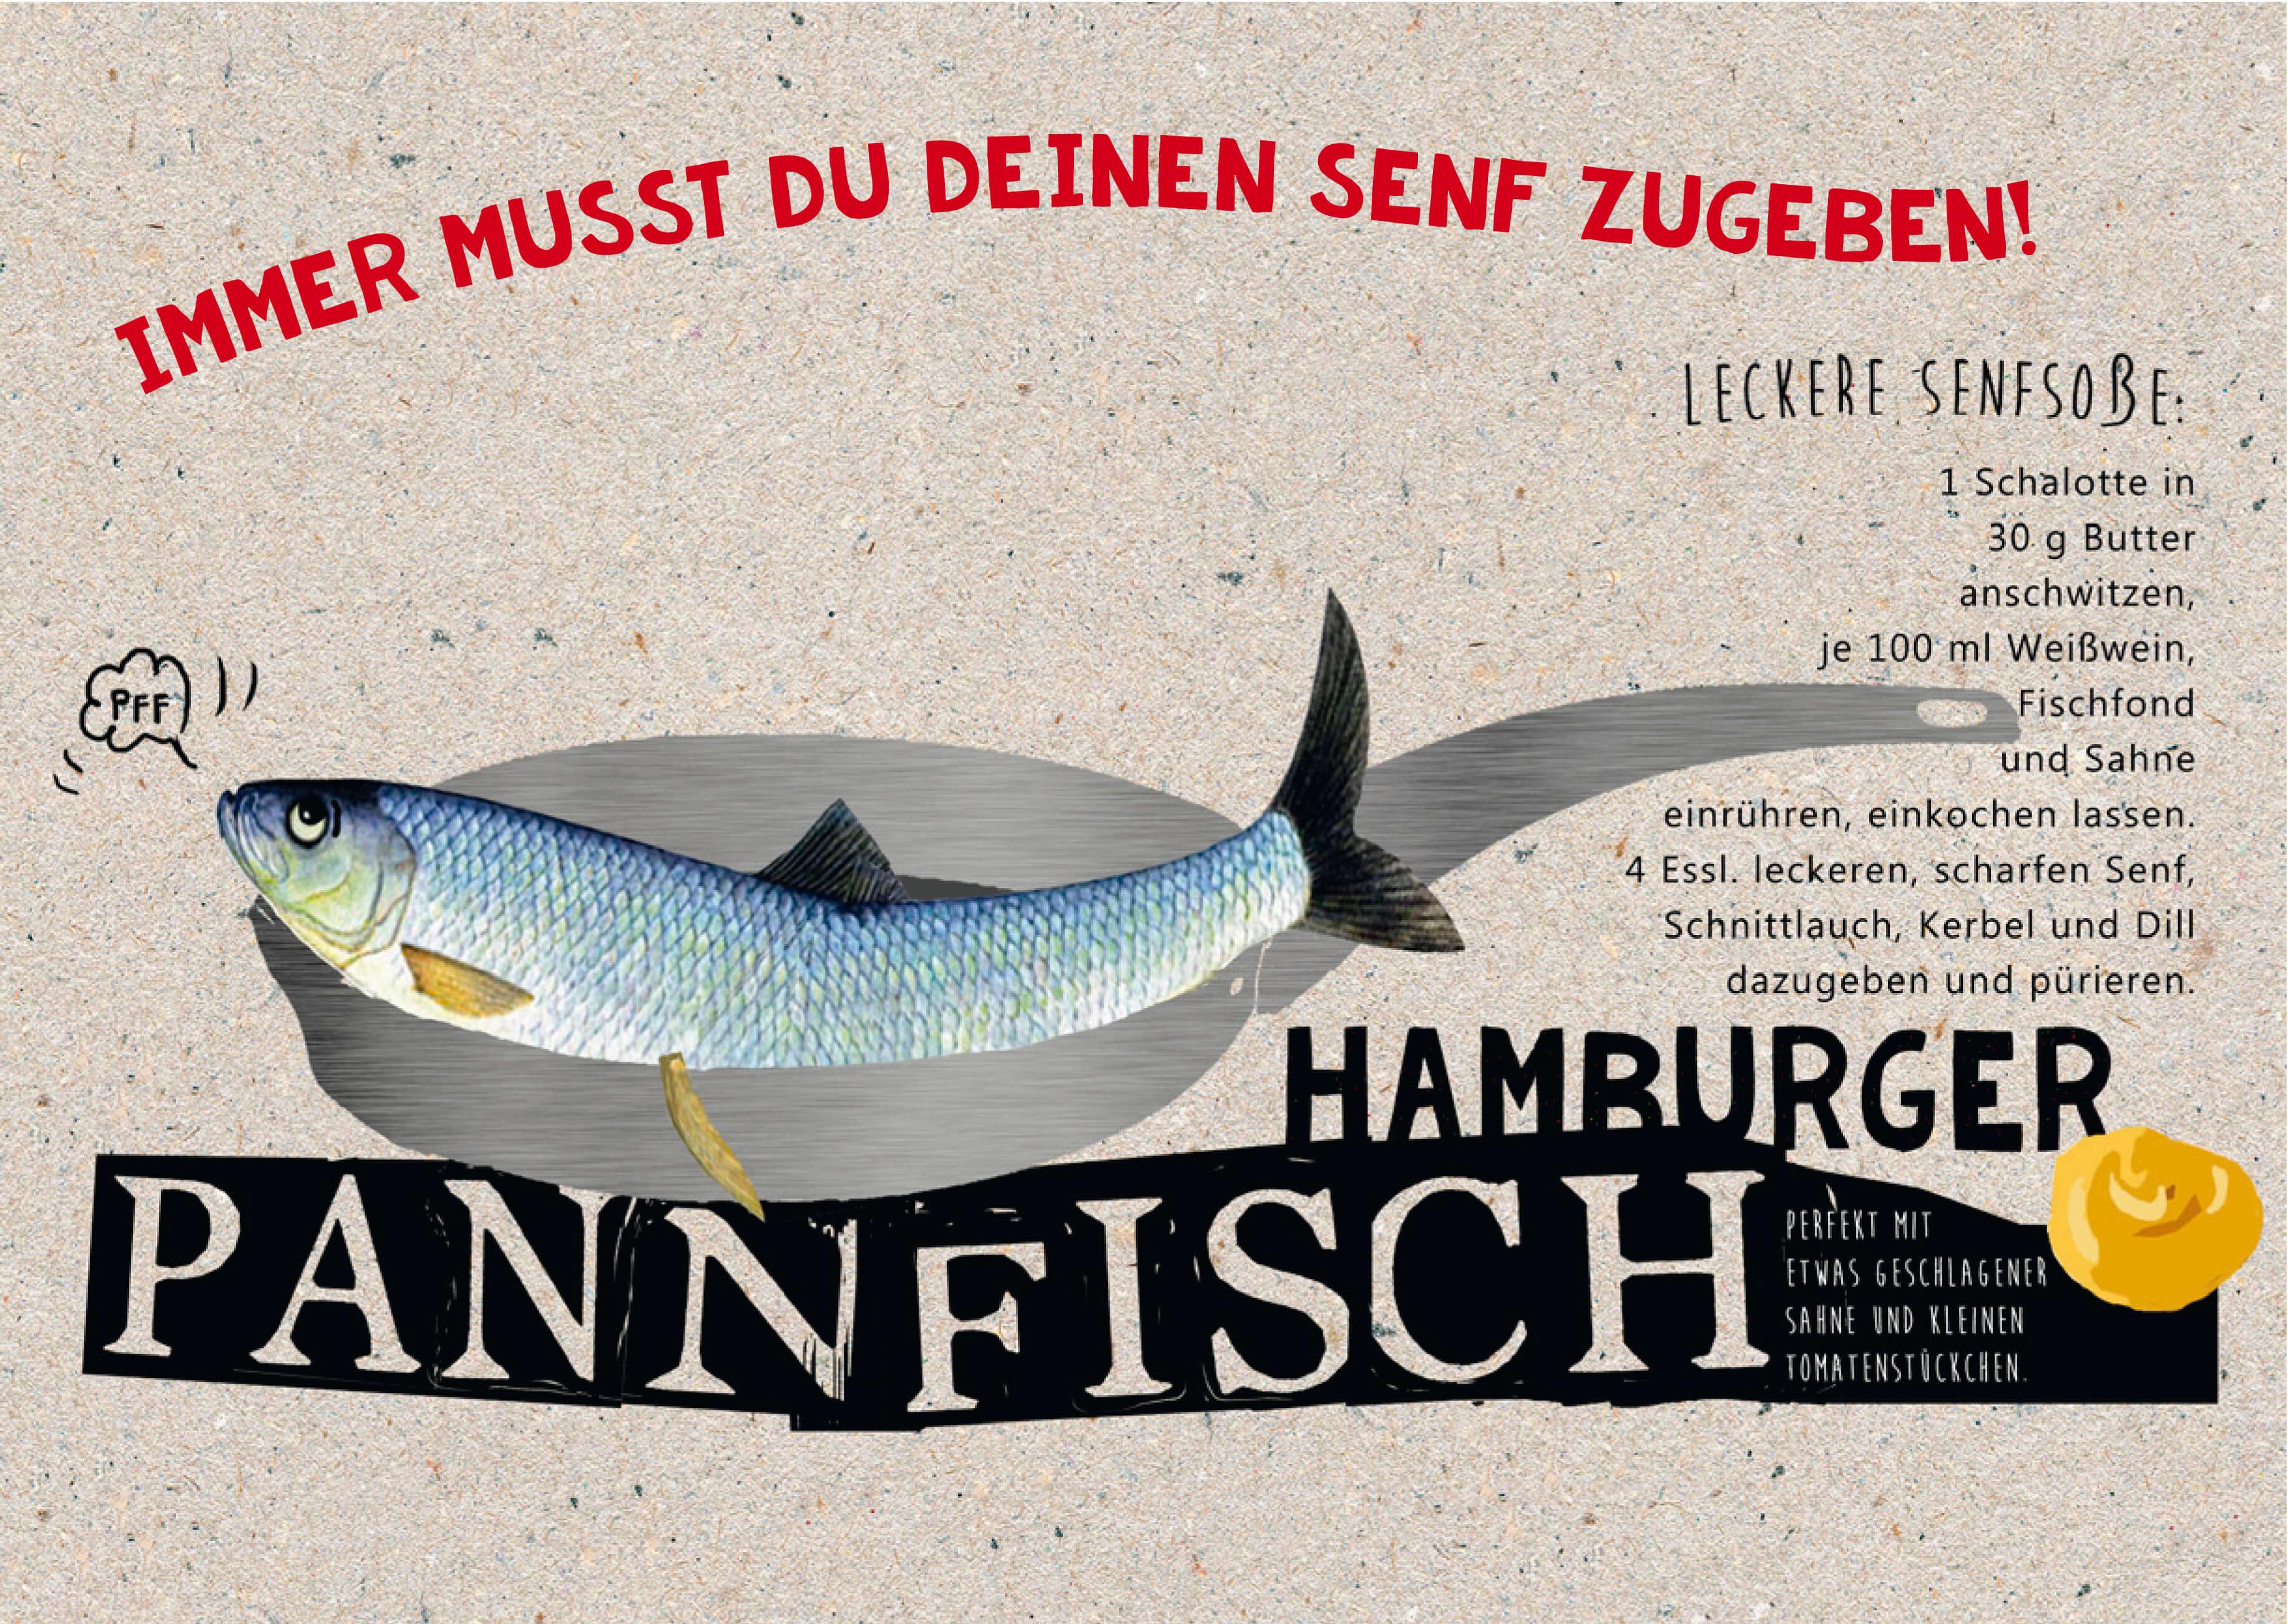 FN_Pannfisch